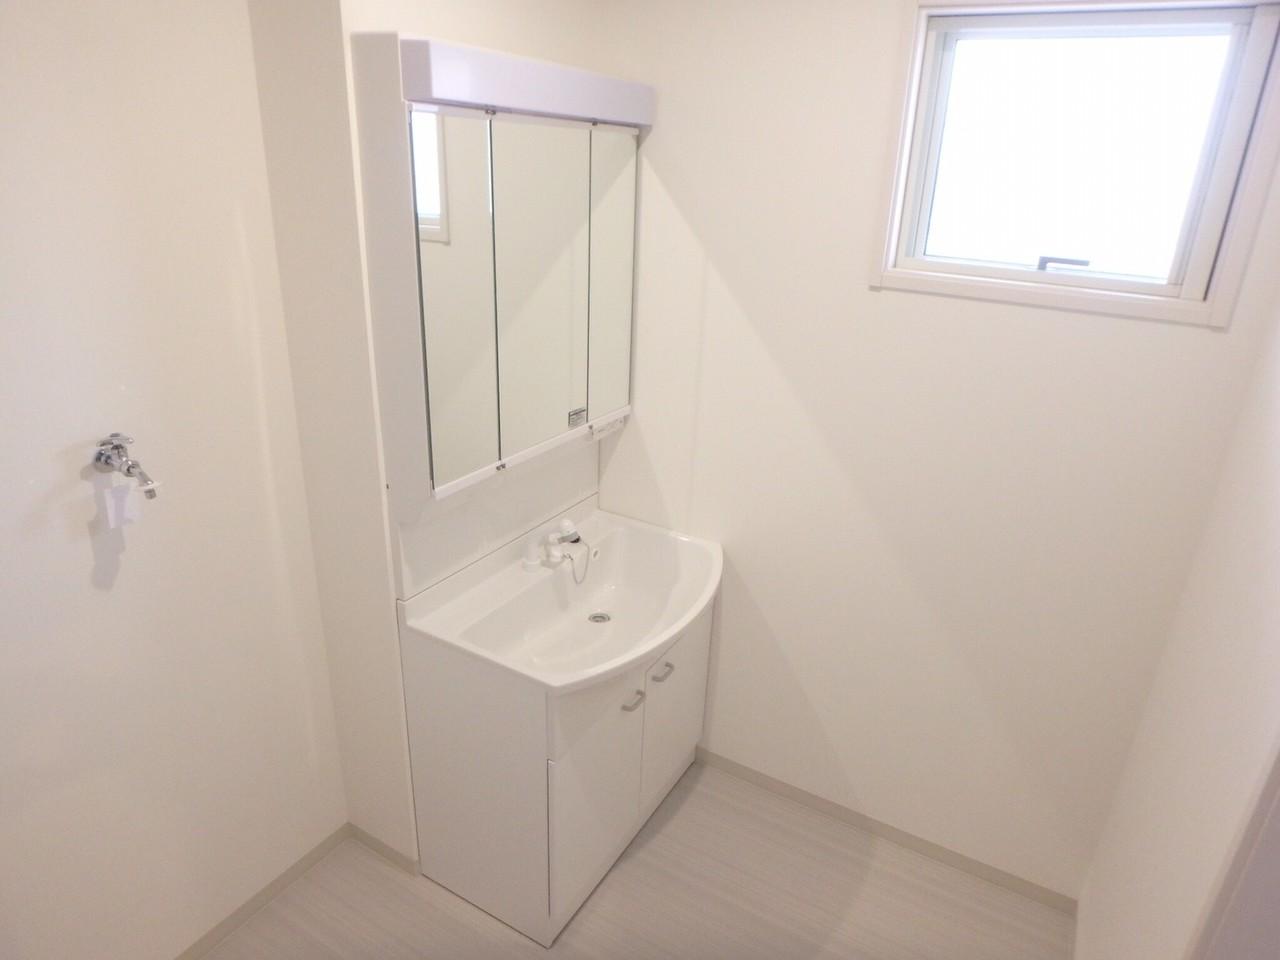 洗面台はシャワー水洗になっていますので洗濯や洗髪も出来ます。鏡は三面鏡になっており、コンセントがついているので朝の支度もしっかり出来ます。